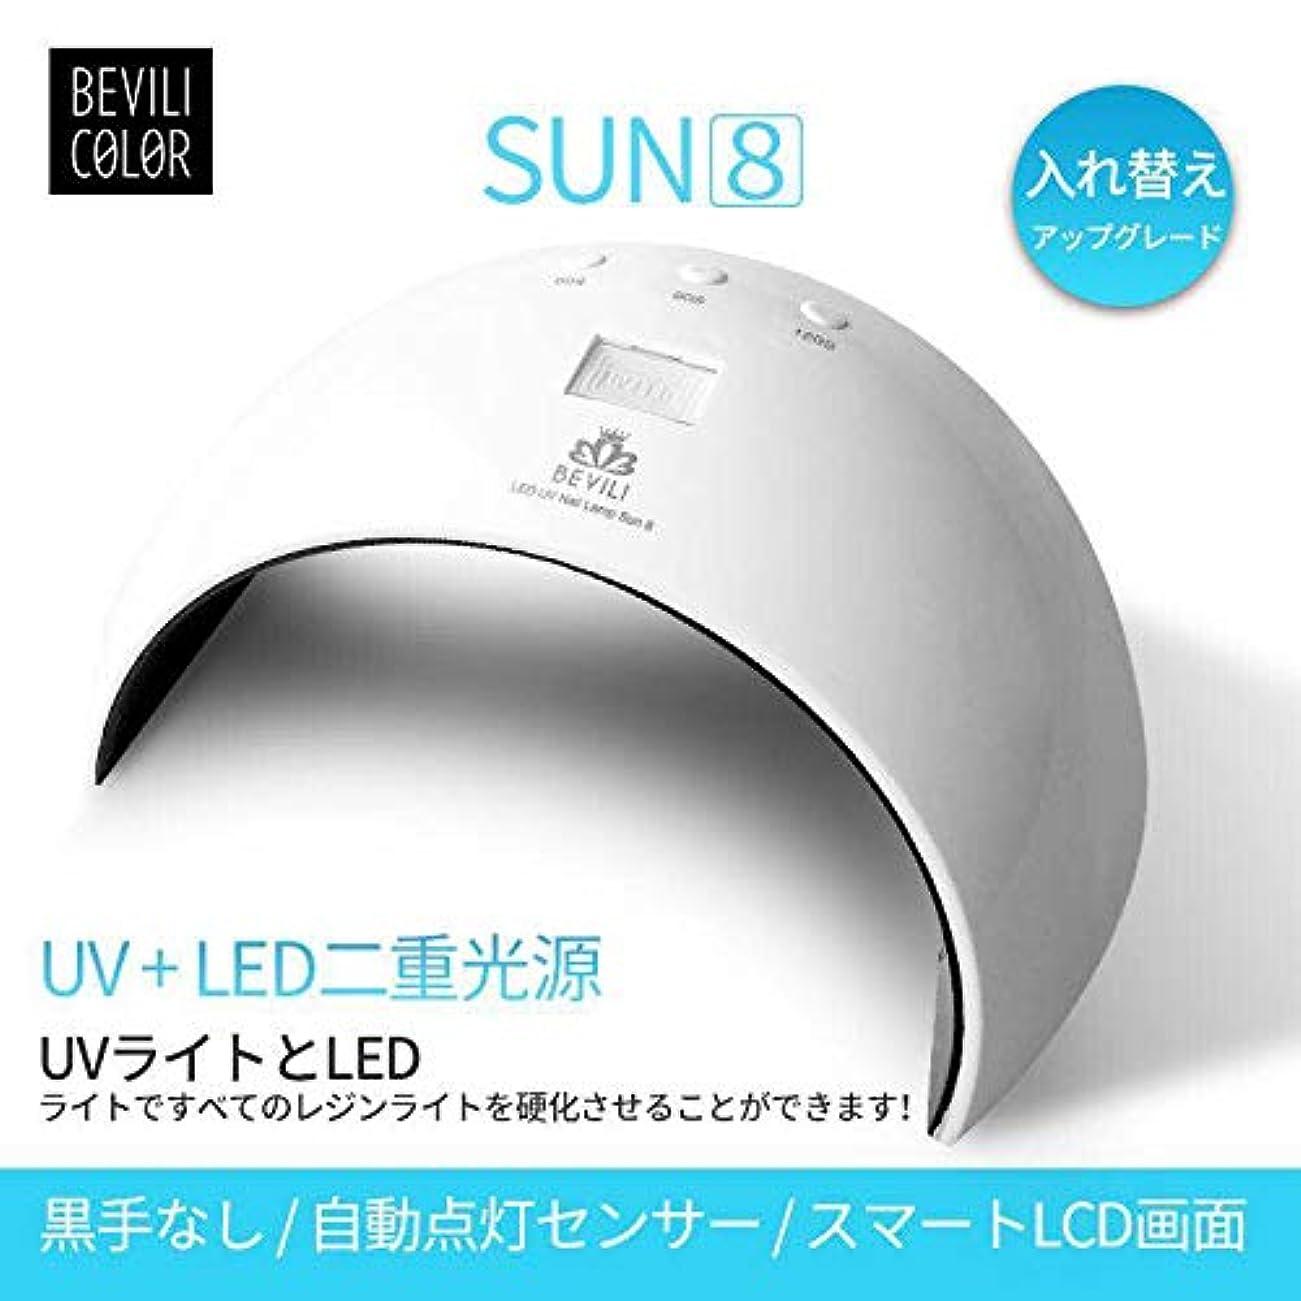 つかまえるもつれ制約UV LEDネイルドライヤー 人感センサー UVライト24W 180度照射 Laintran 三つタイマー設定可能 UV と LEDダブルライト ジェルネイル用 ホワイト (24W) (ホワイト)